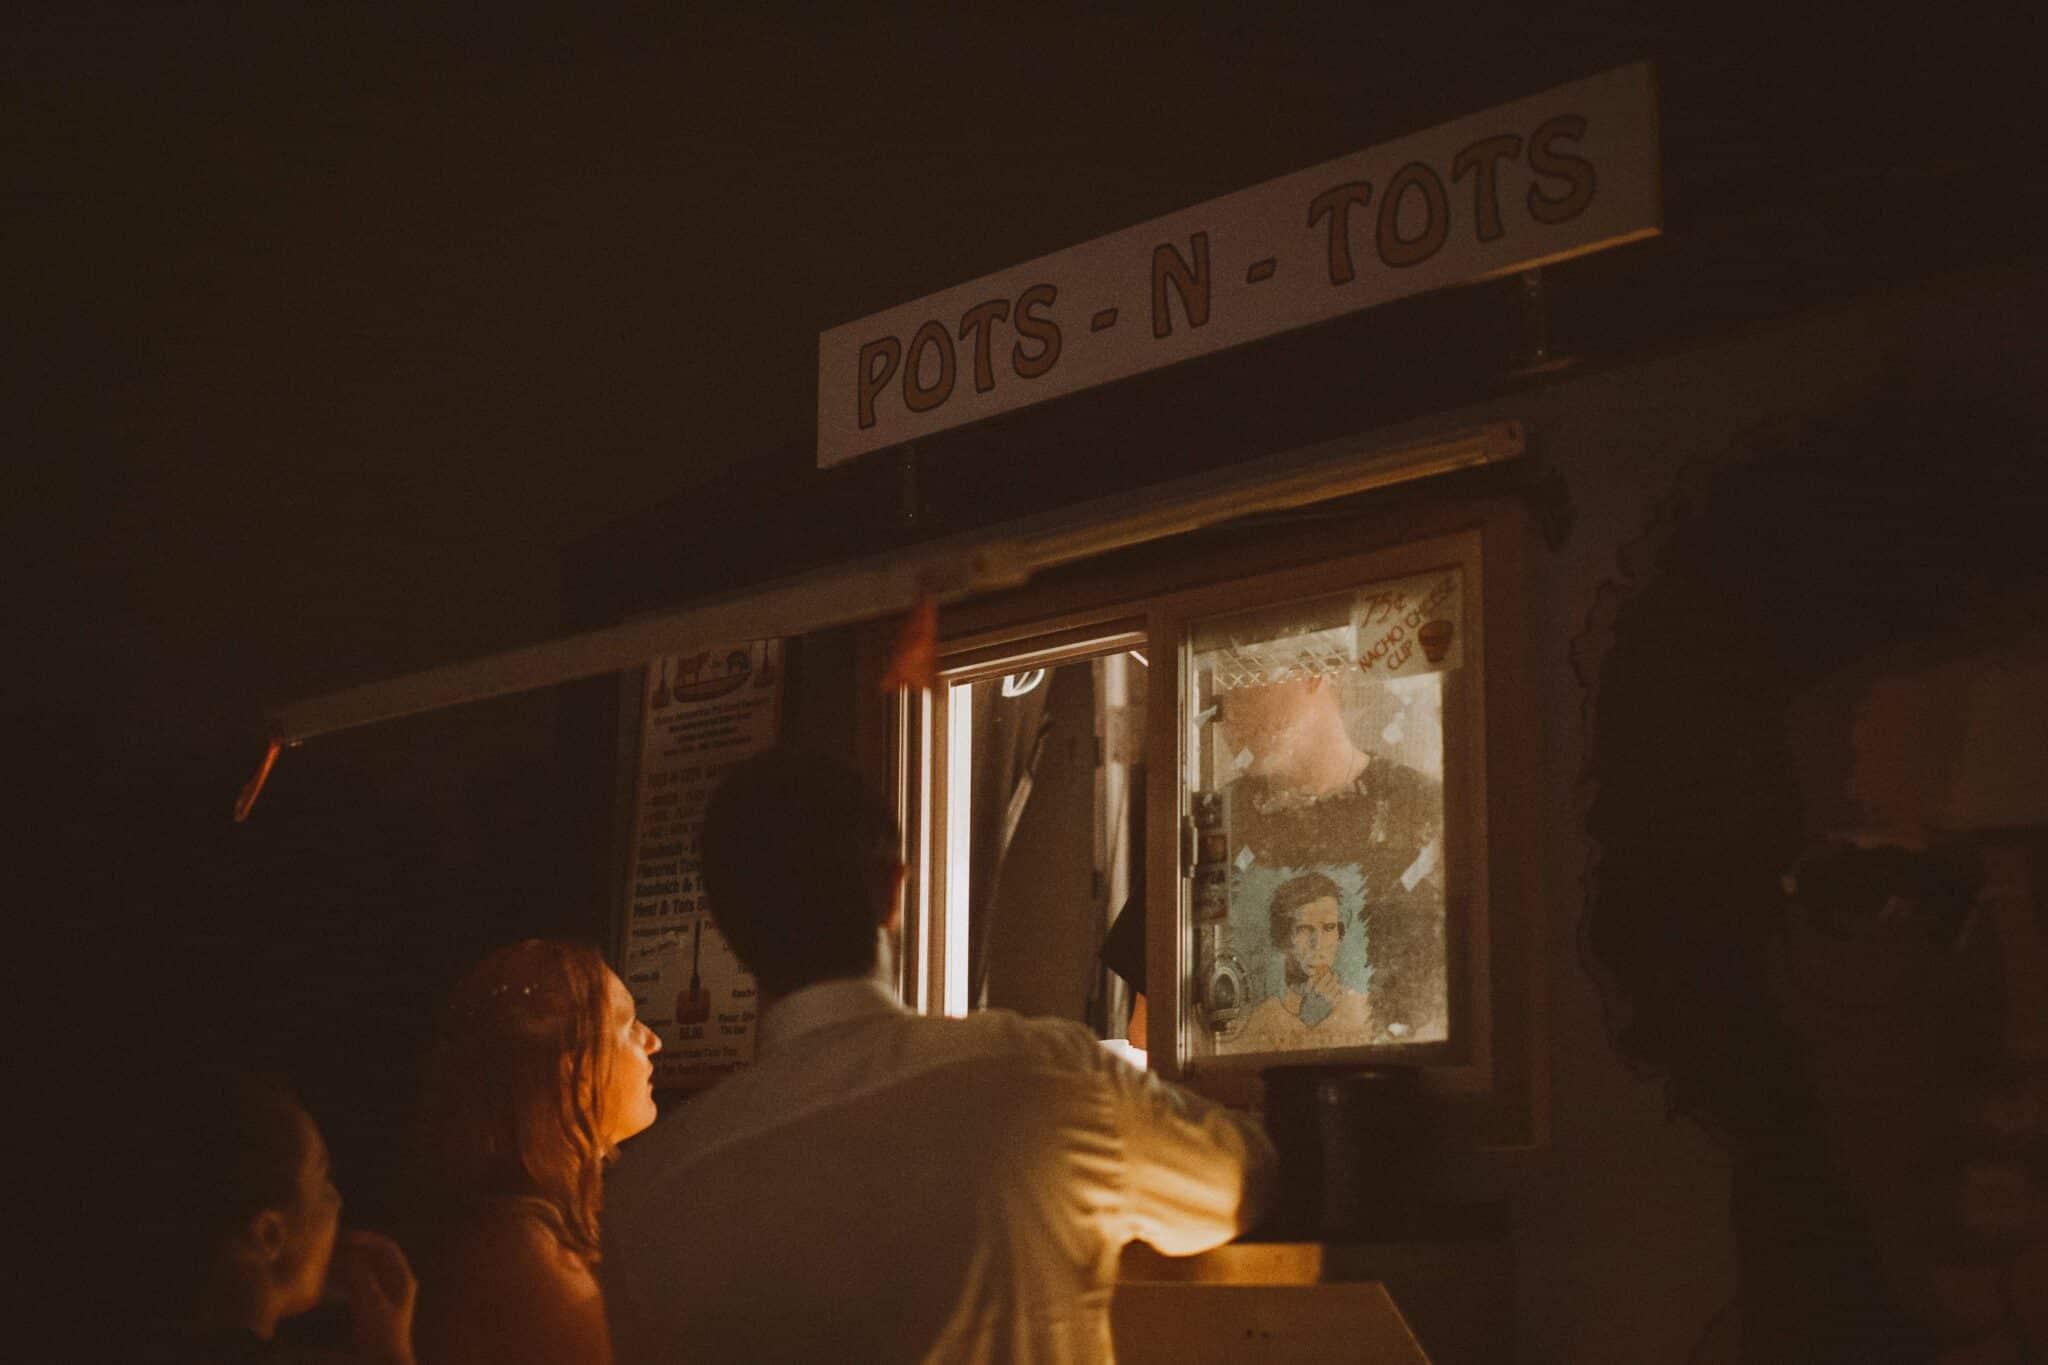 wedding couple food truck